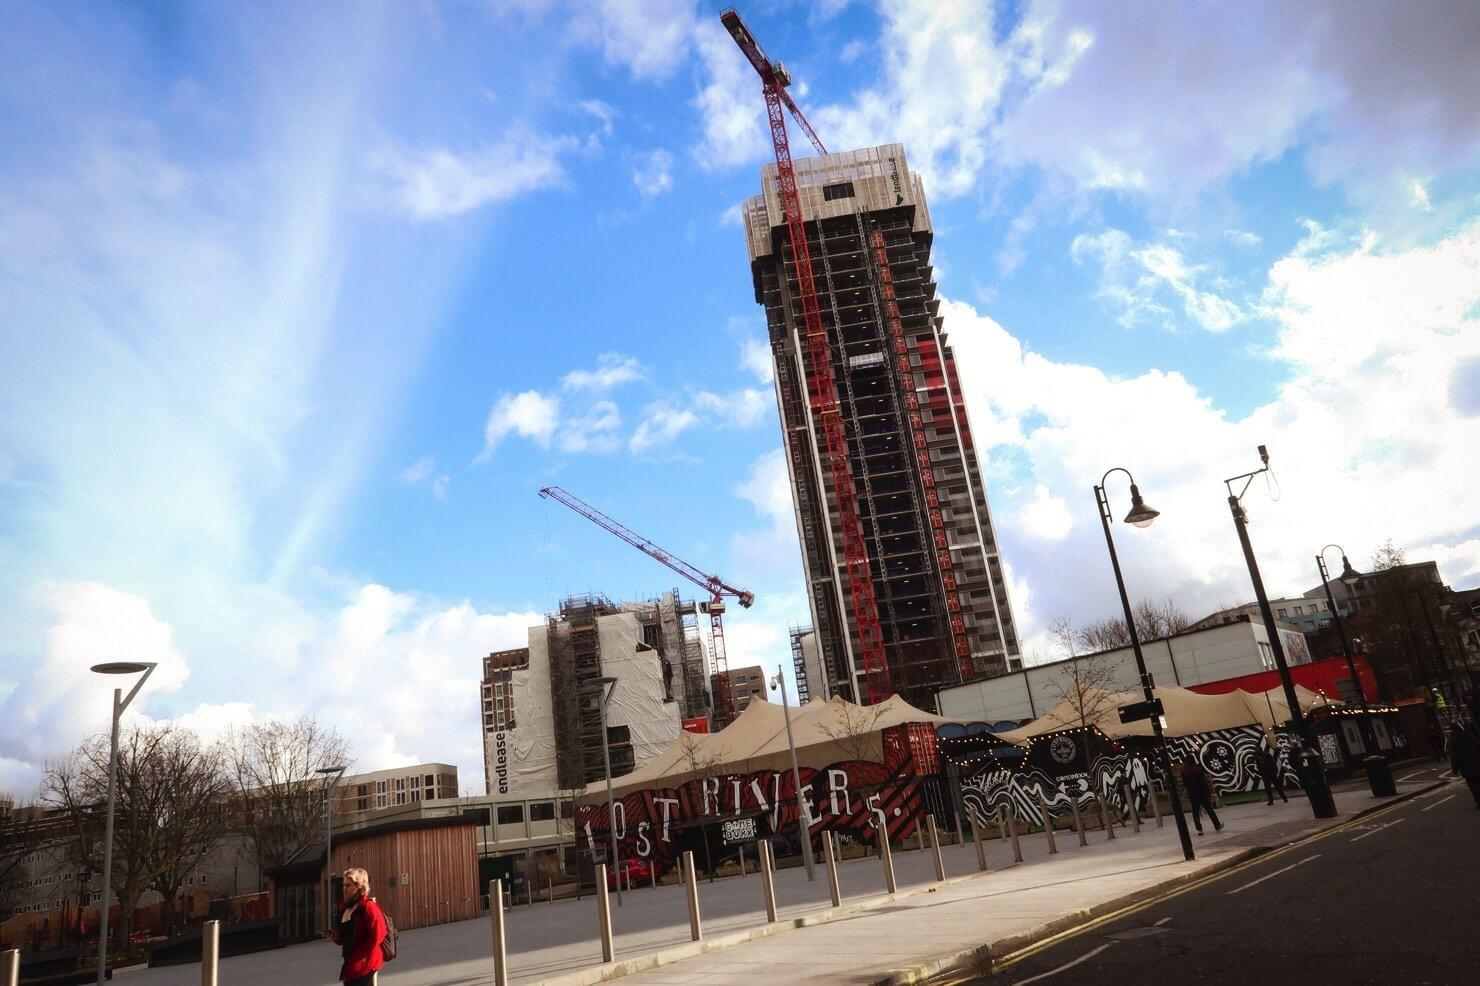 南ロンドン最大規模の団地だったアリスバーリー・エステートの跡地。2009年に取り壊されたあとは高級新築マンションの建設が進む